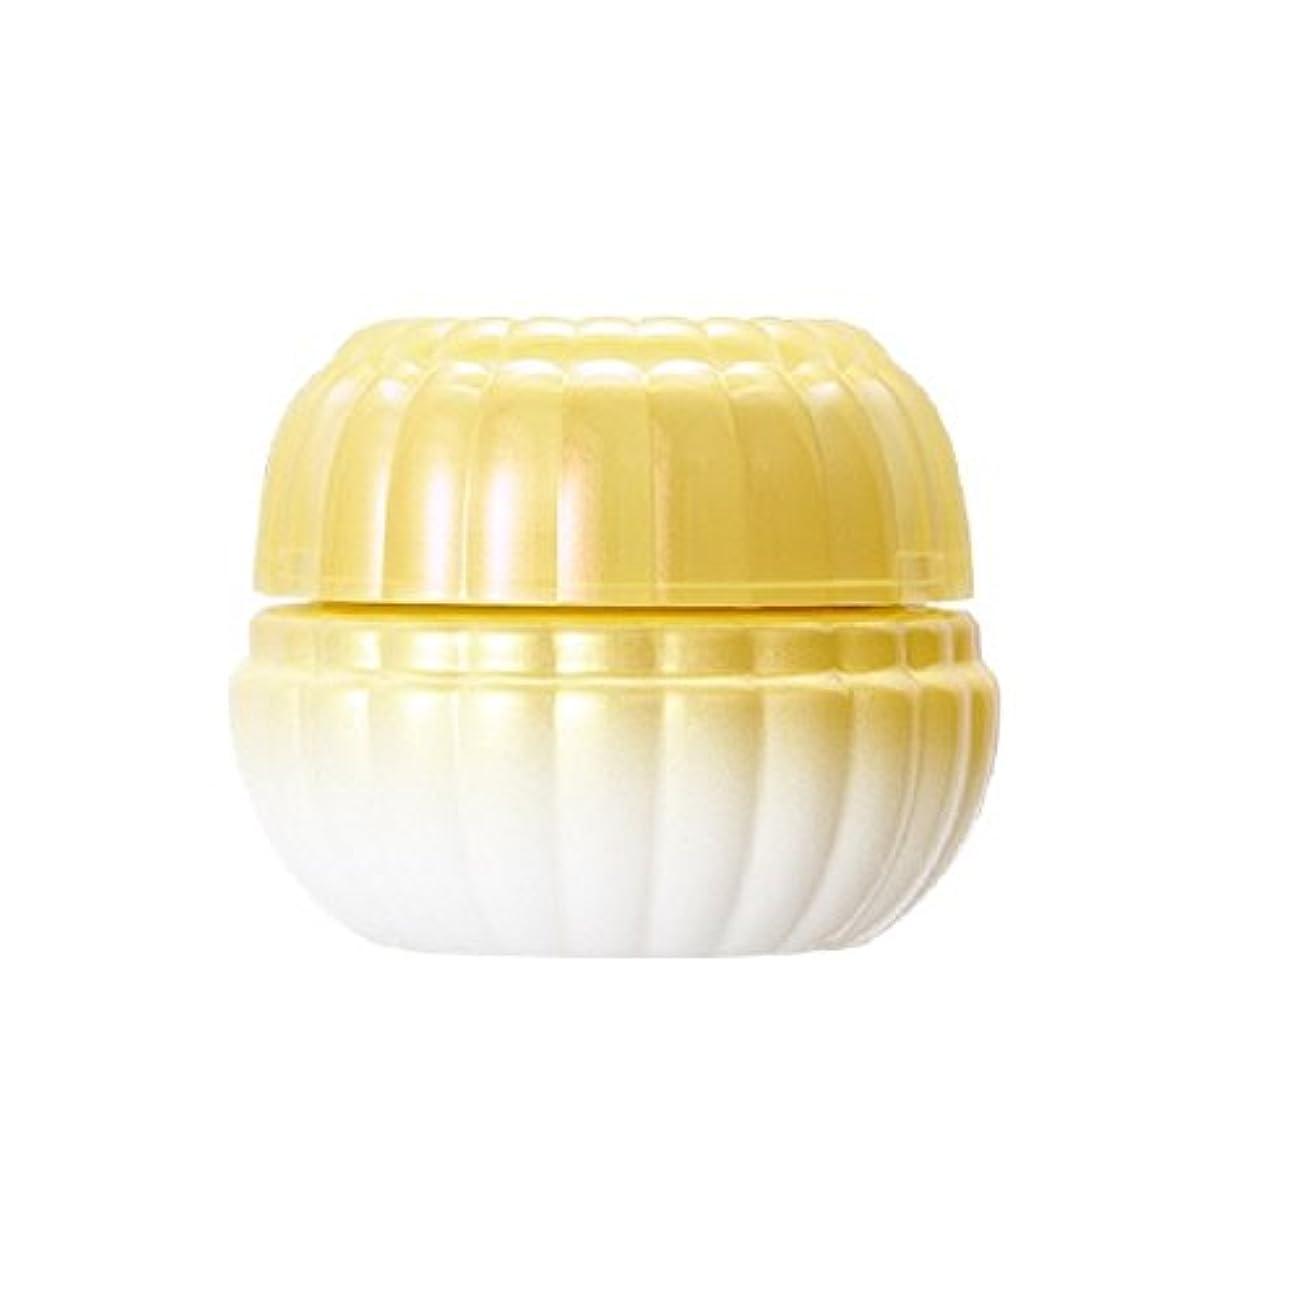 火薬うなる貧しいアユーラ (AYURA) モイストパワライズクリーム (医薬部外品) 28g 〈美白クリーム〉